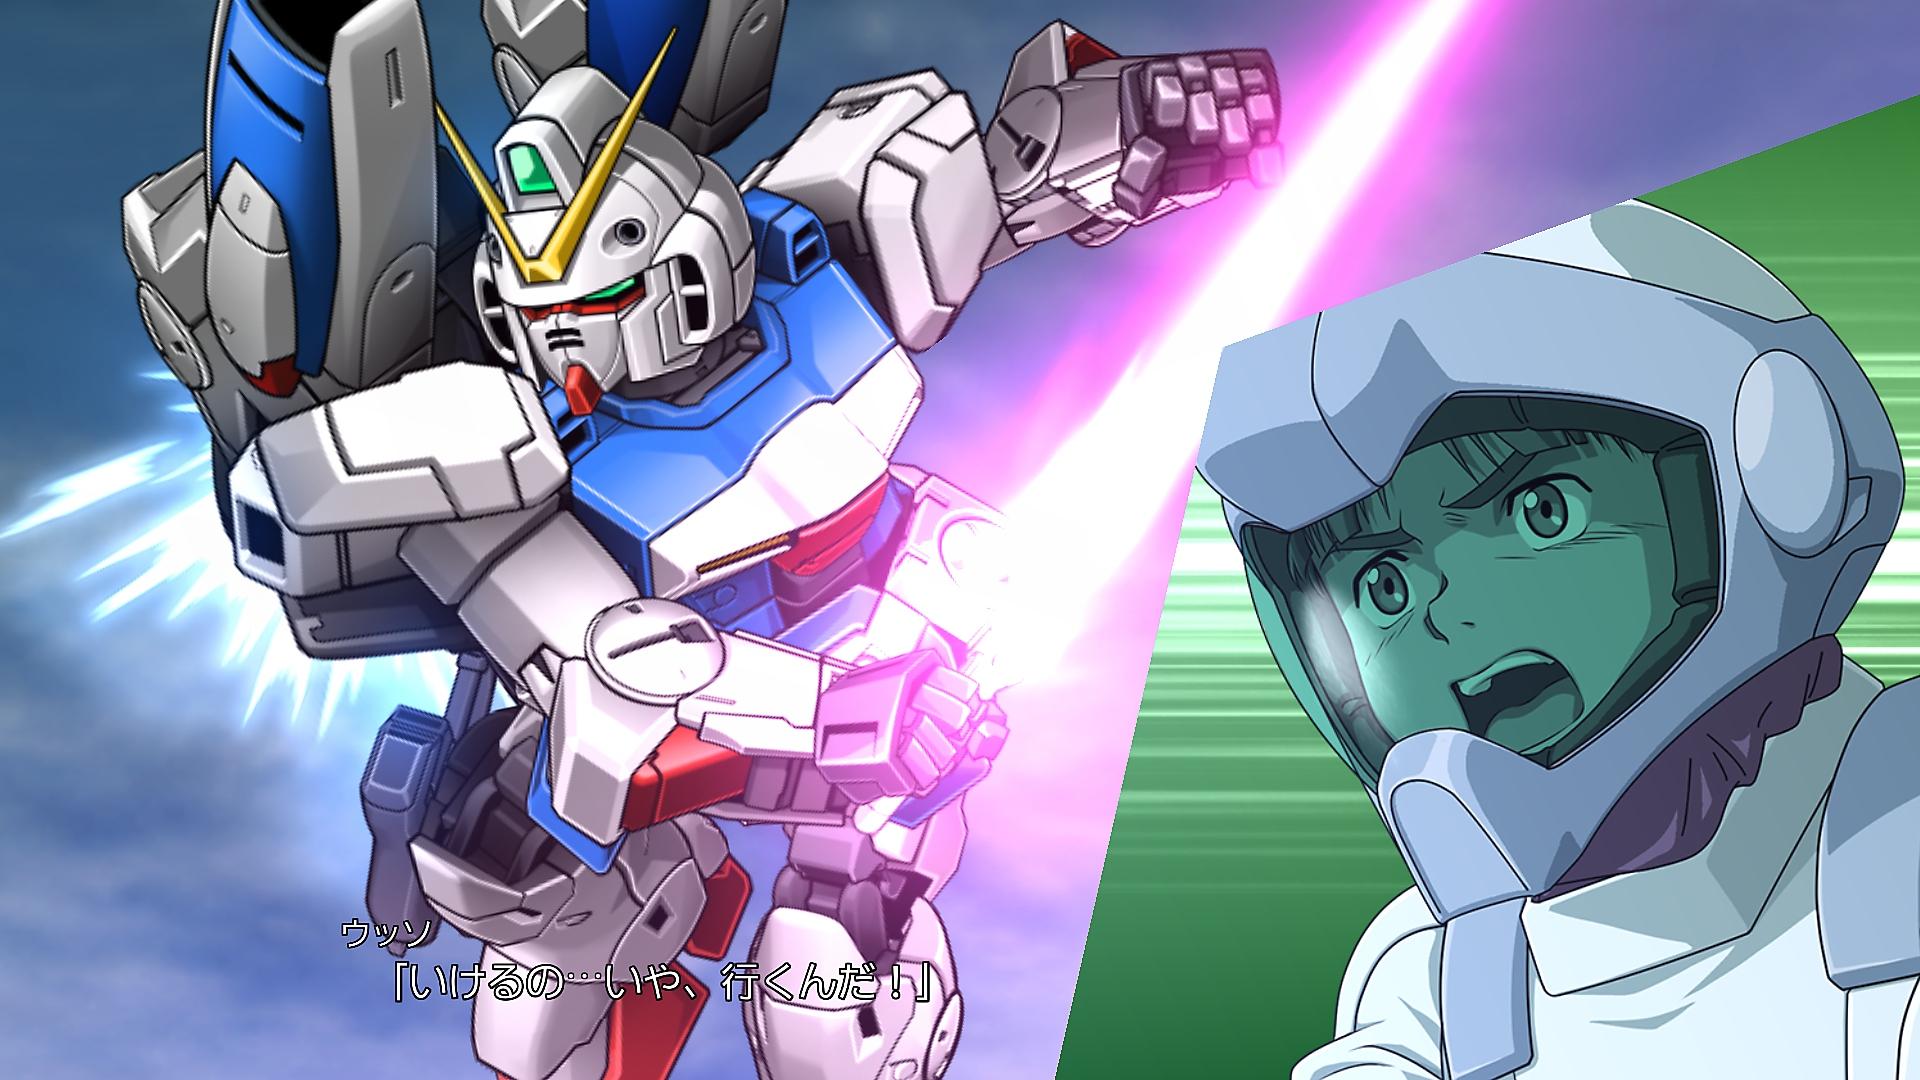 スーパーロボット大戦30 - Gallery Screenshot 8